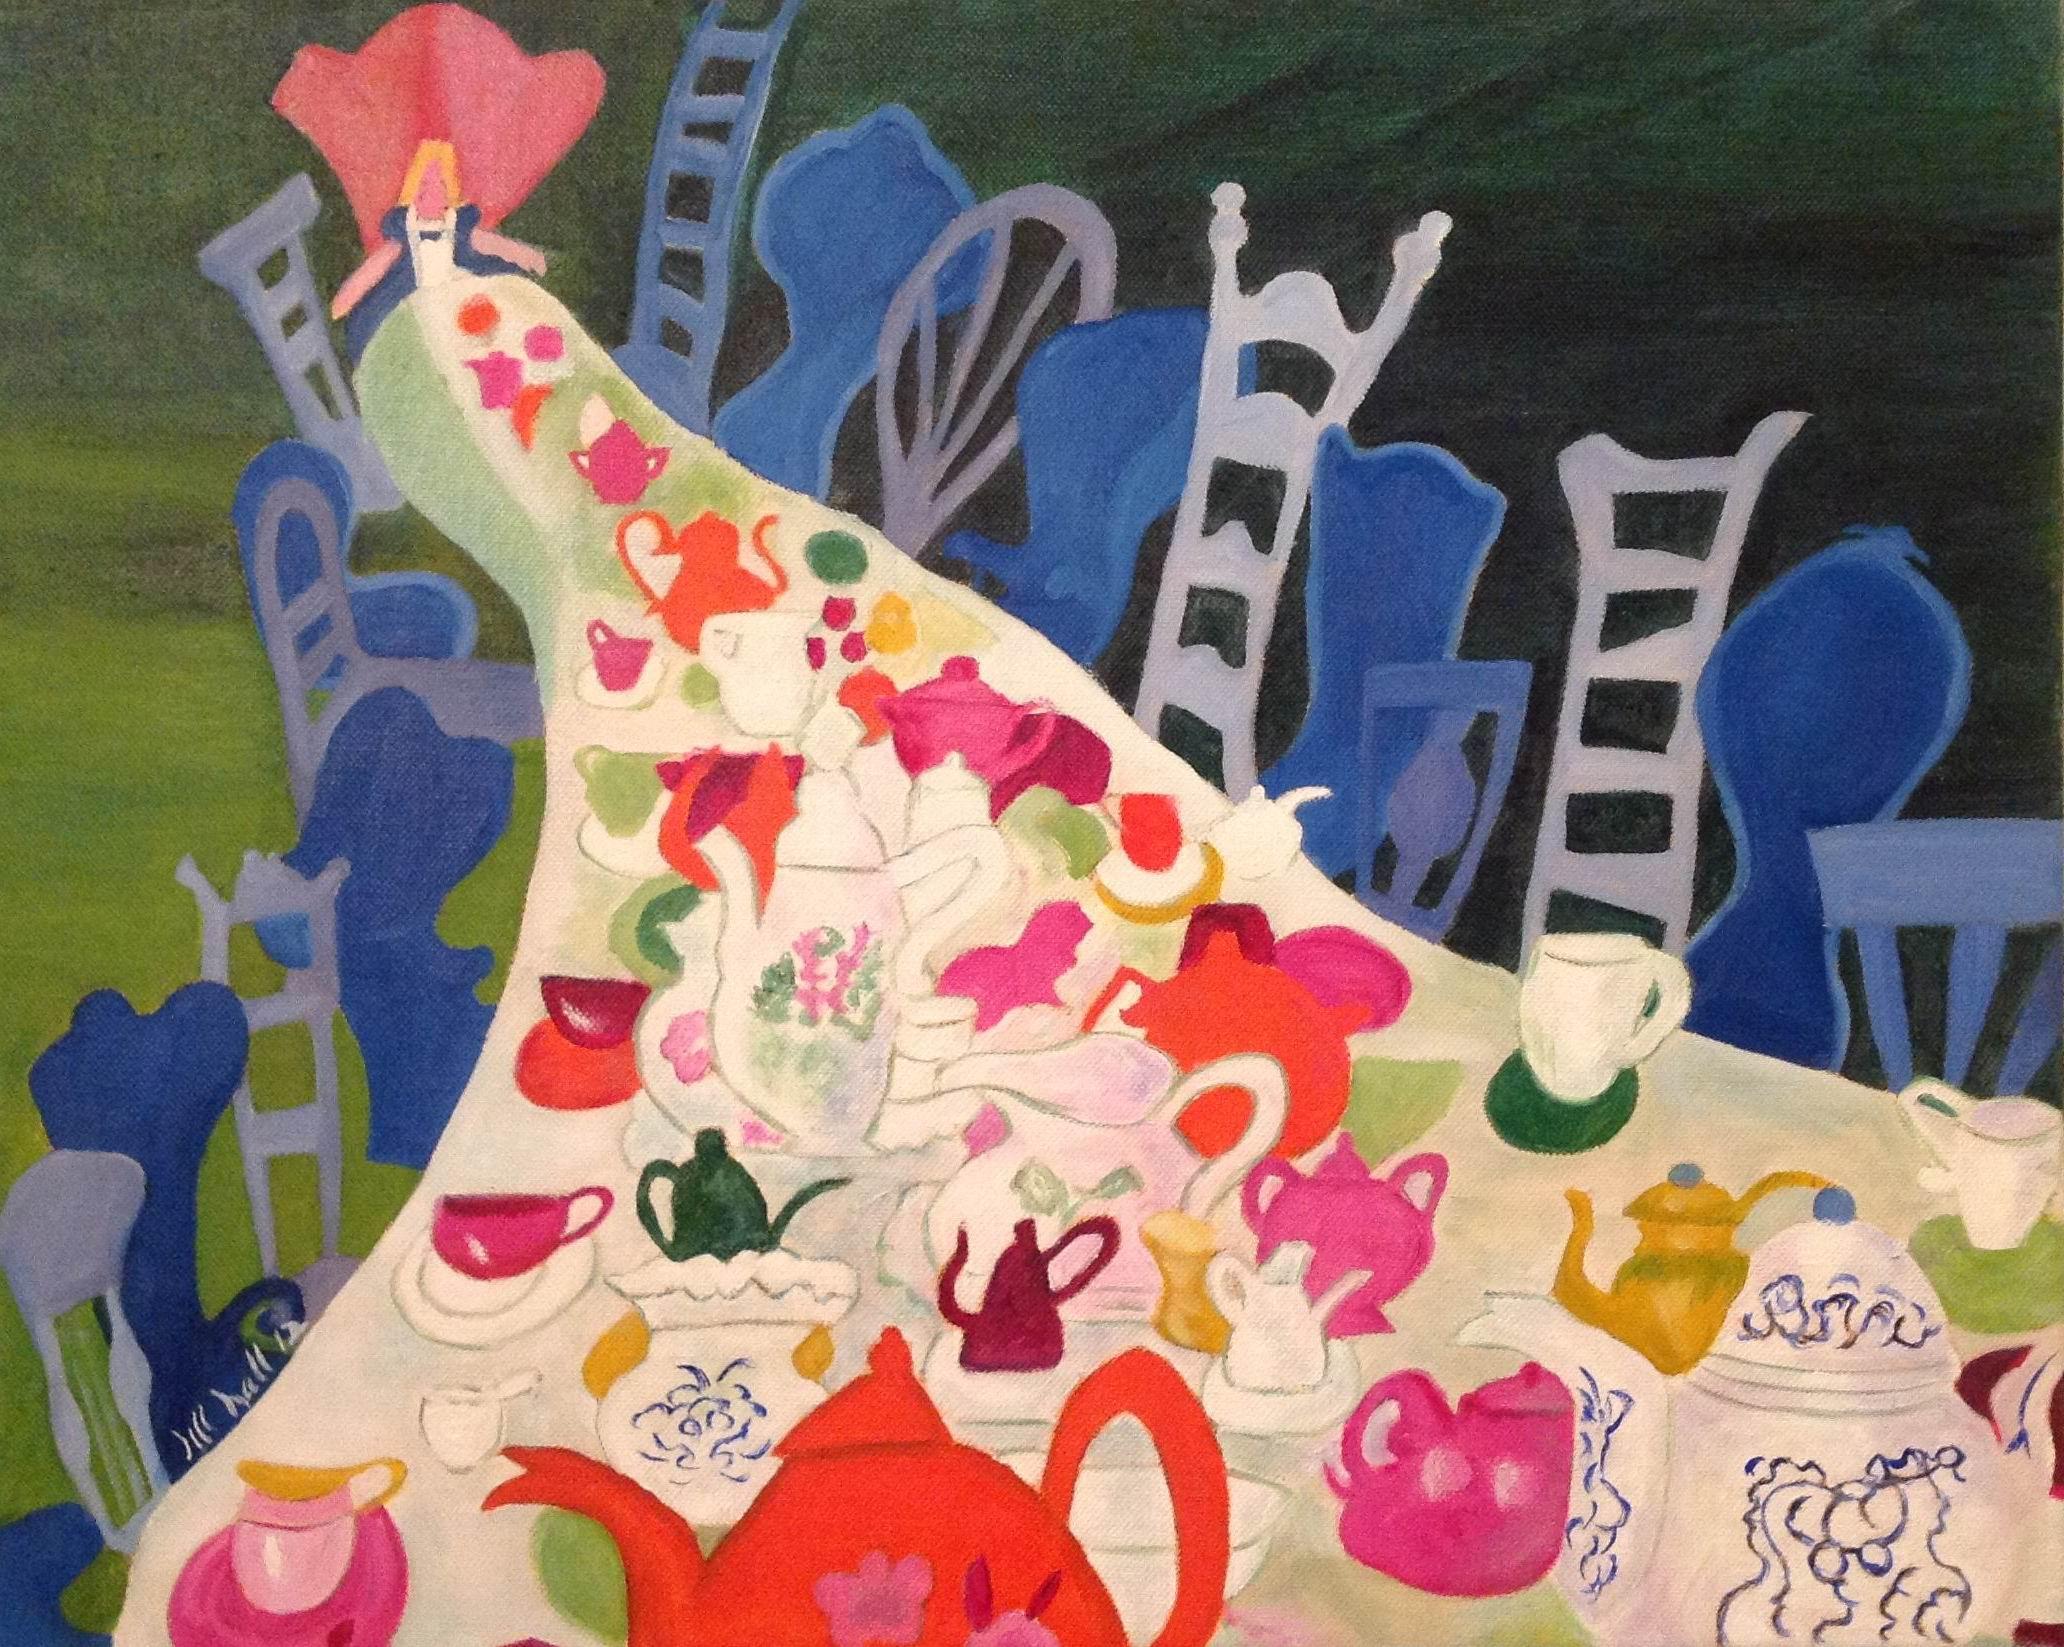 Alice, Mad Tea Party - 16x20